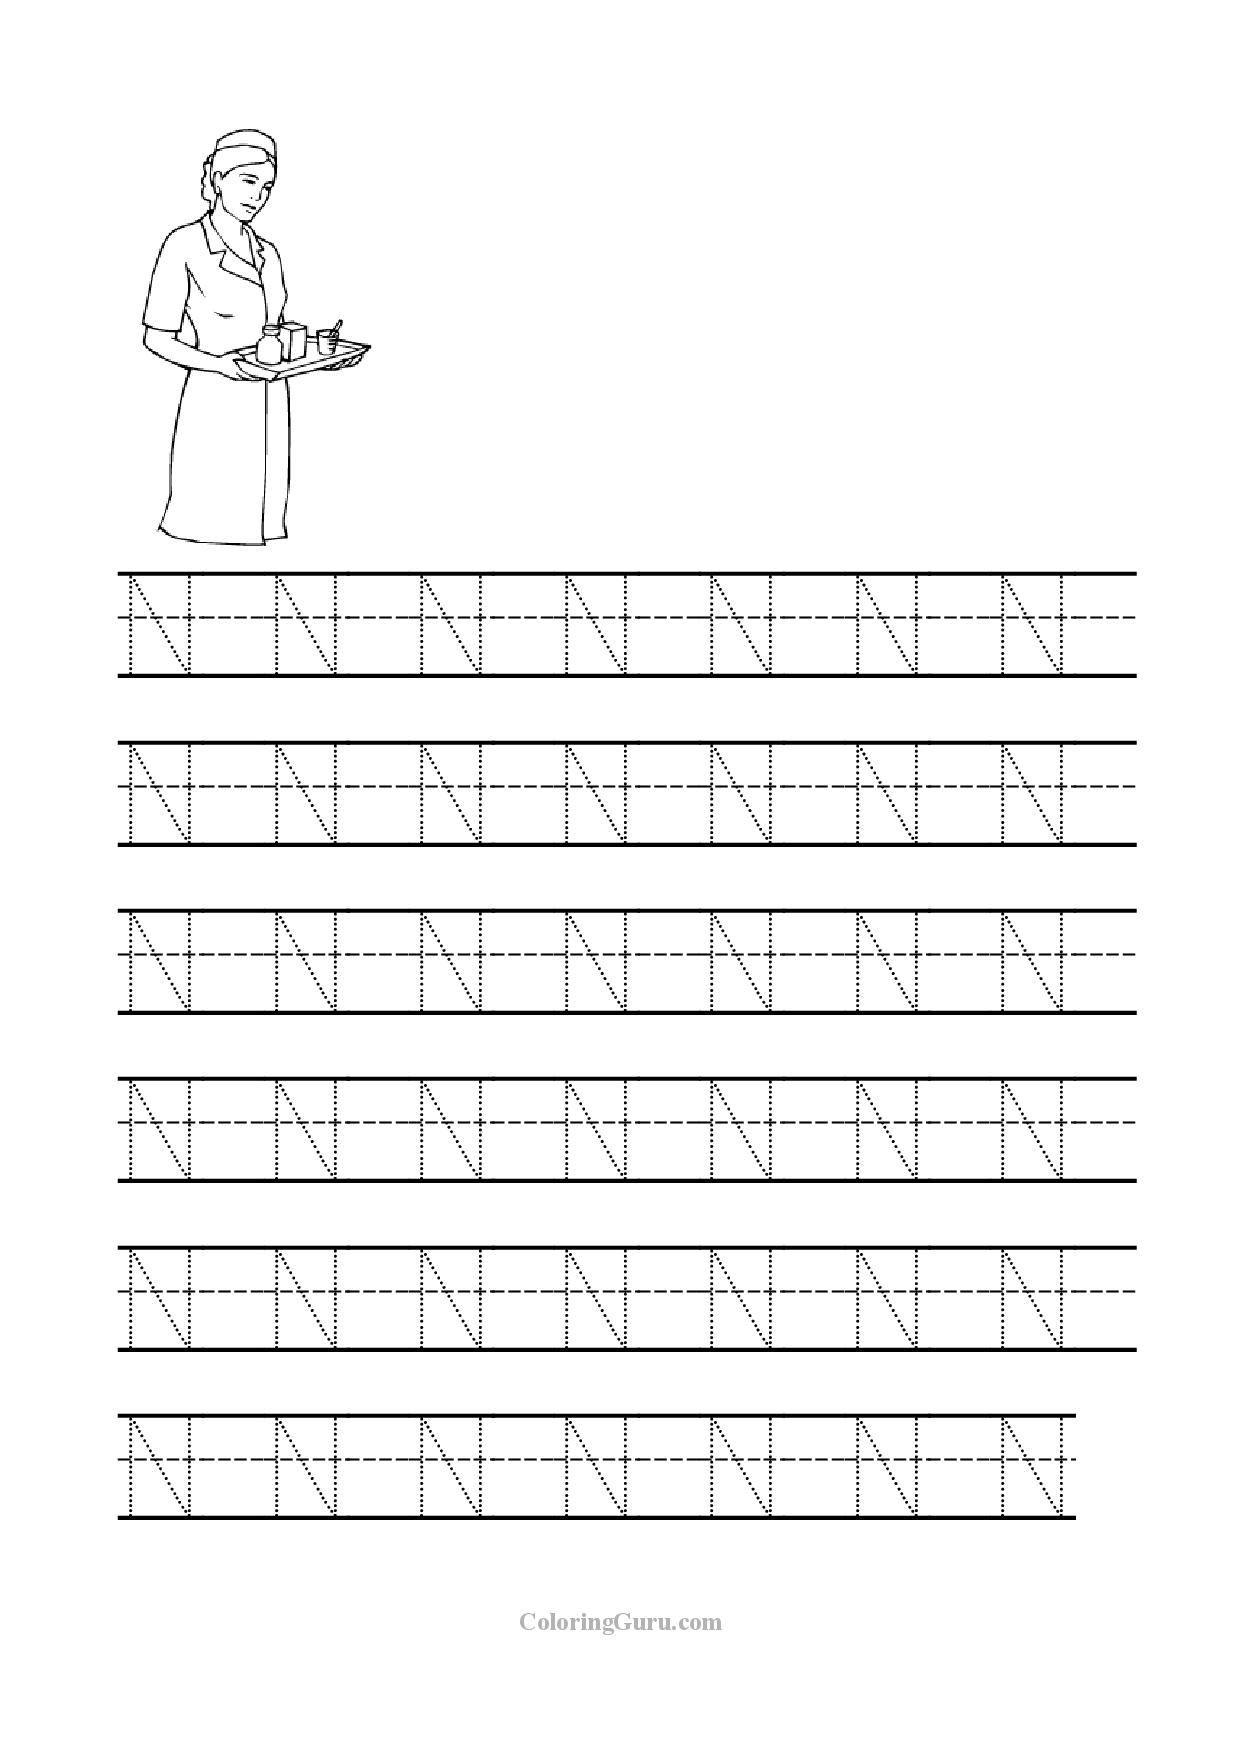 Preschool Letter N Worksheets Free Printable Tracing Letter N Worksheets for Preschool